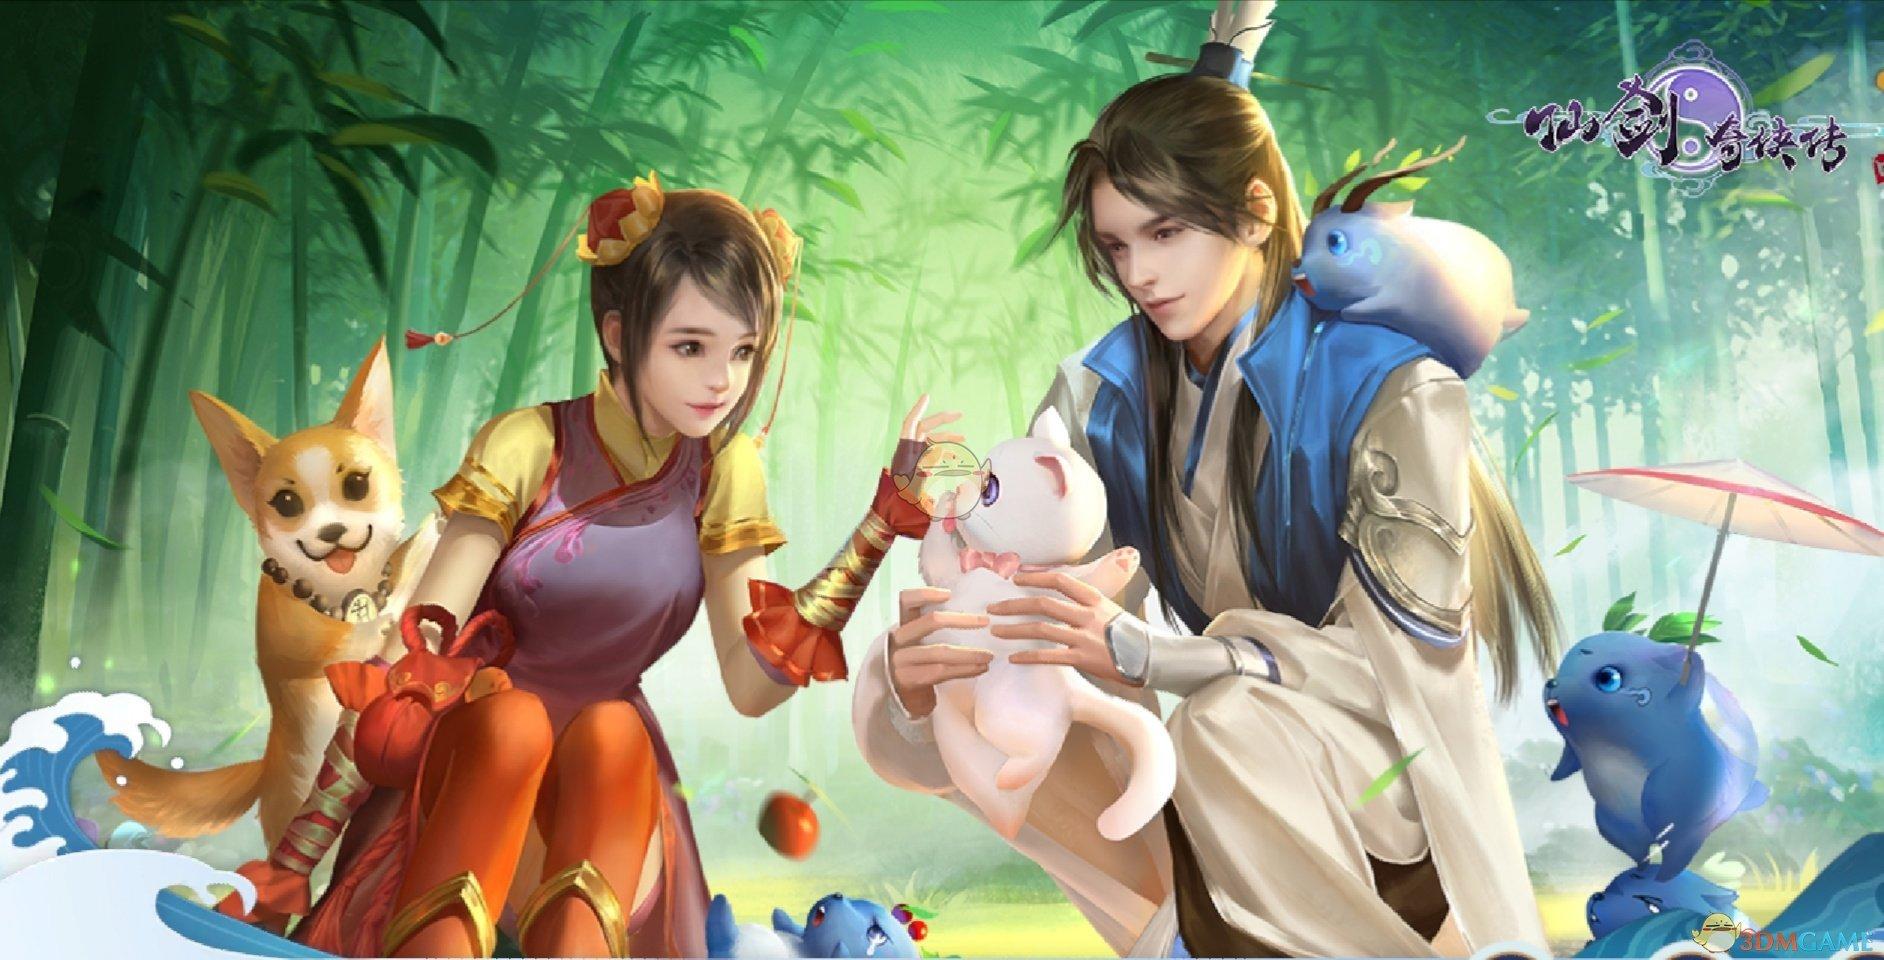 《仙剑奇侠传4》手游奇遇任务介绍2